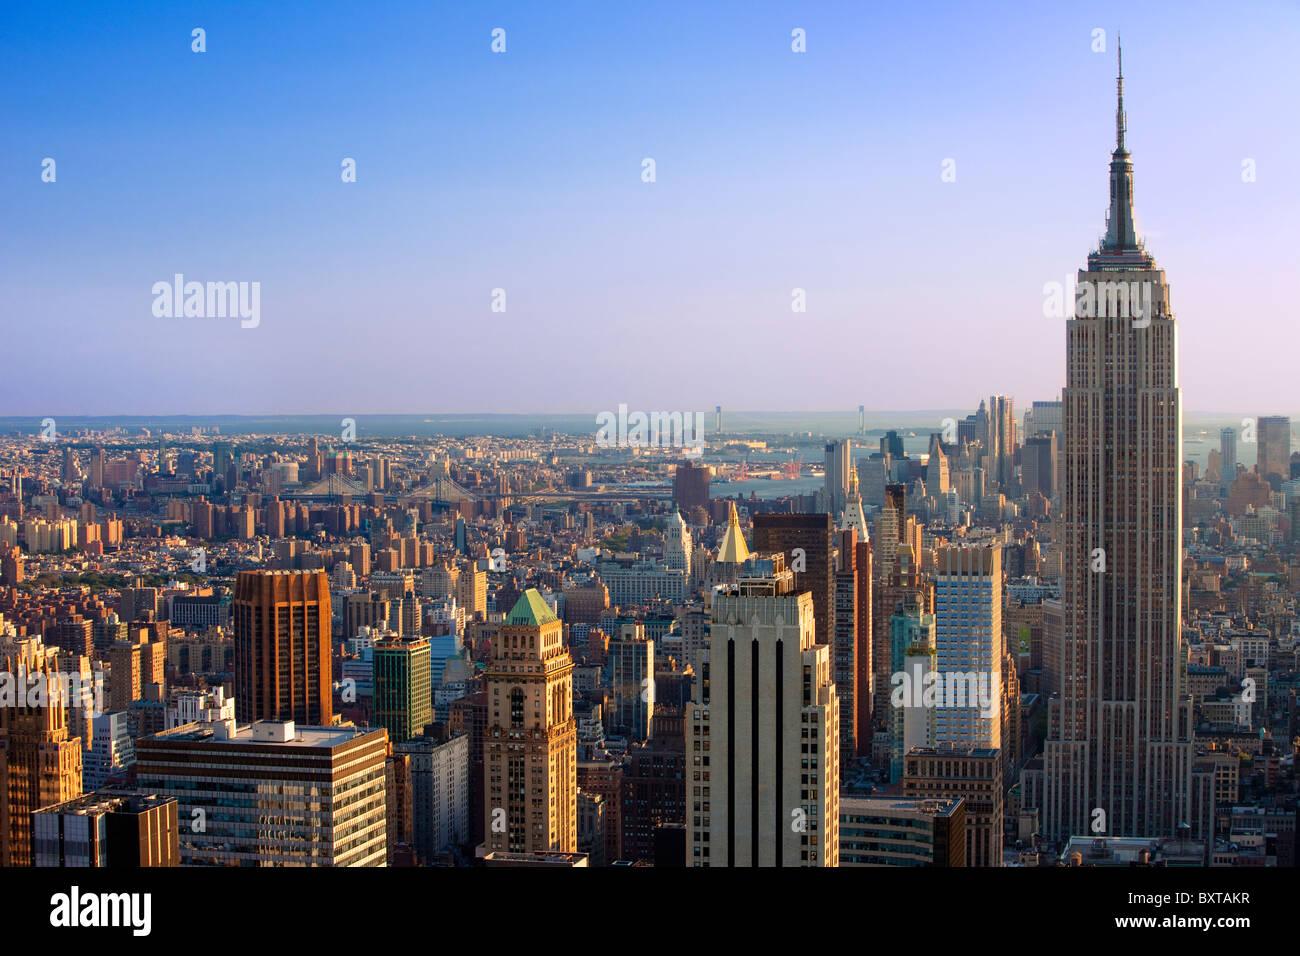 Vista a última hora de la tarde del edificio Empire State y el horizonte de Manhattan, Nueva York, EE.UU Foto de stock